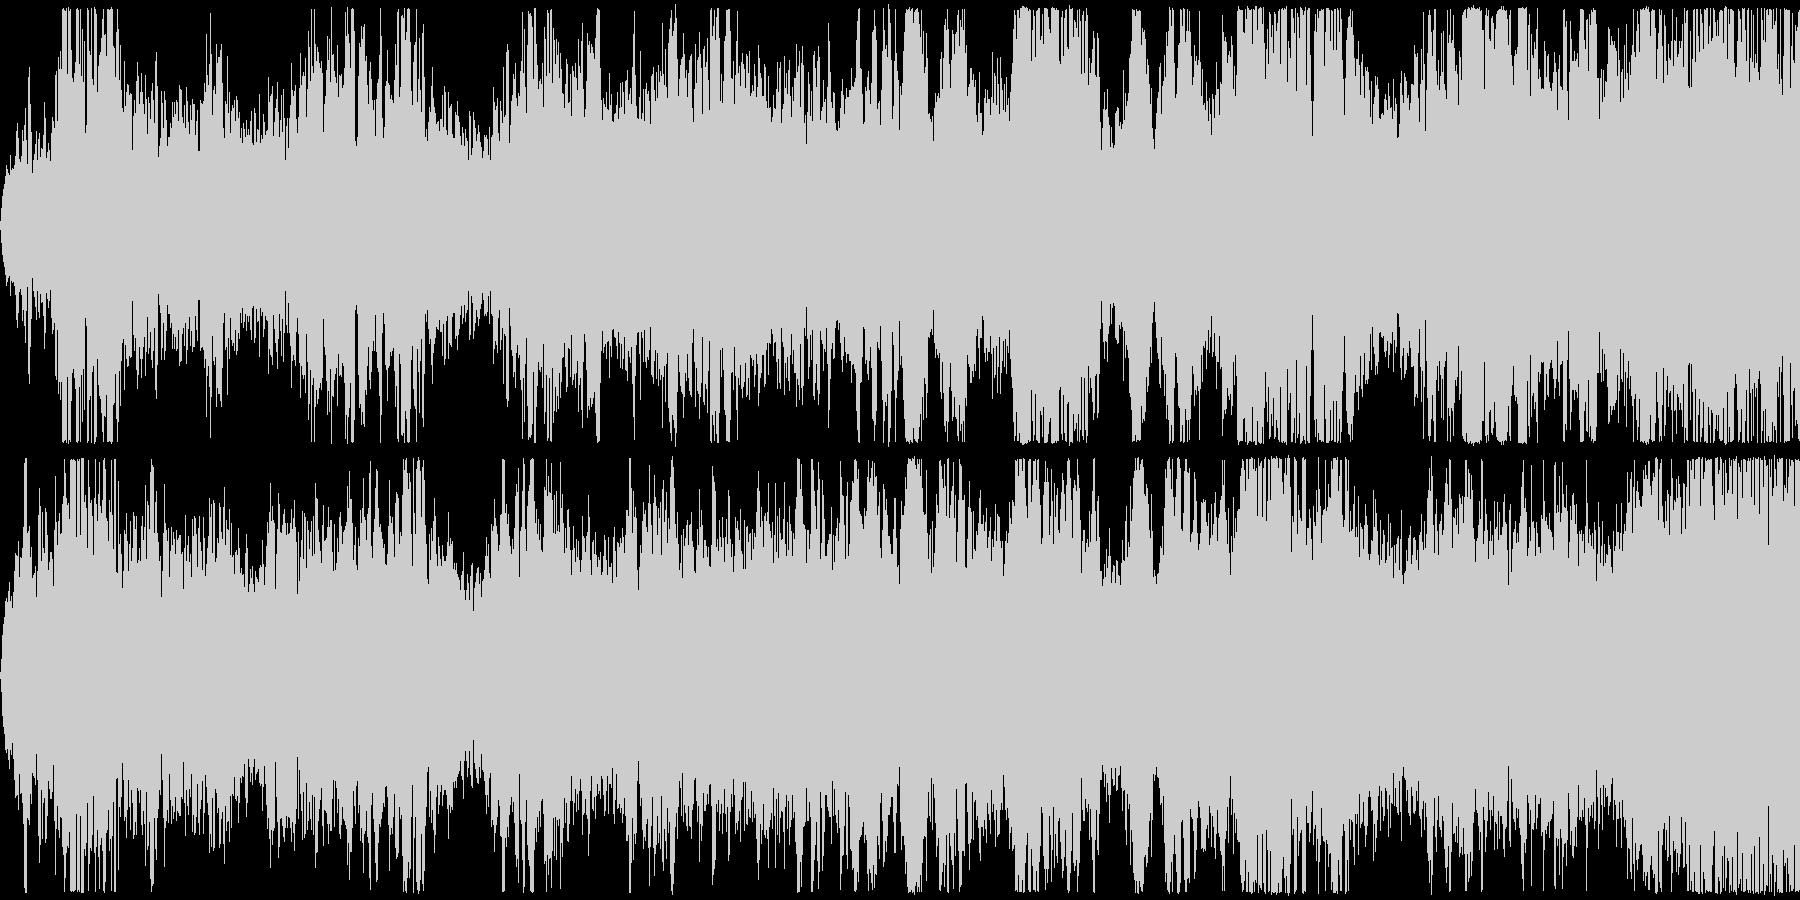 神秘のヴェールに包まれた、静謐な歌の調…の未再生の波形